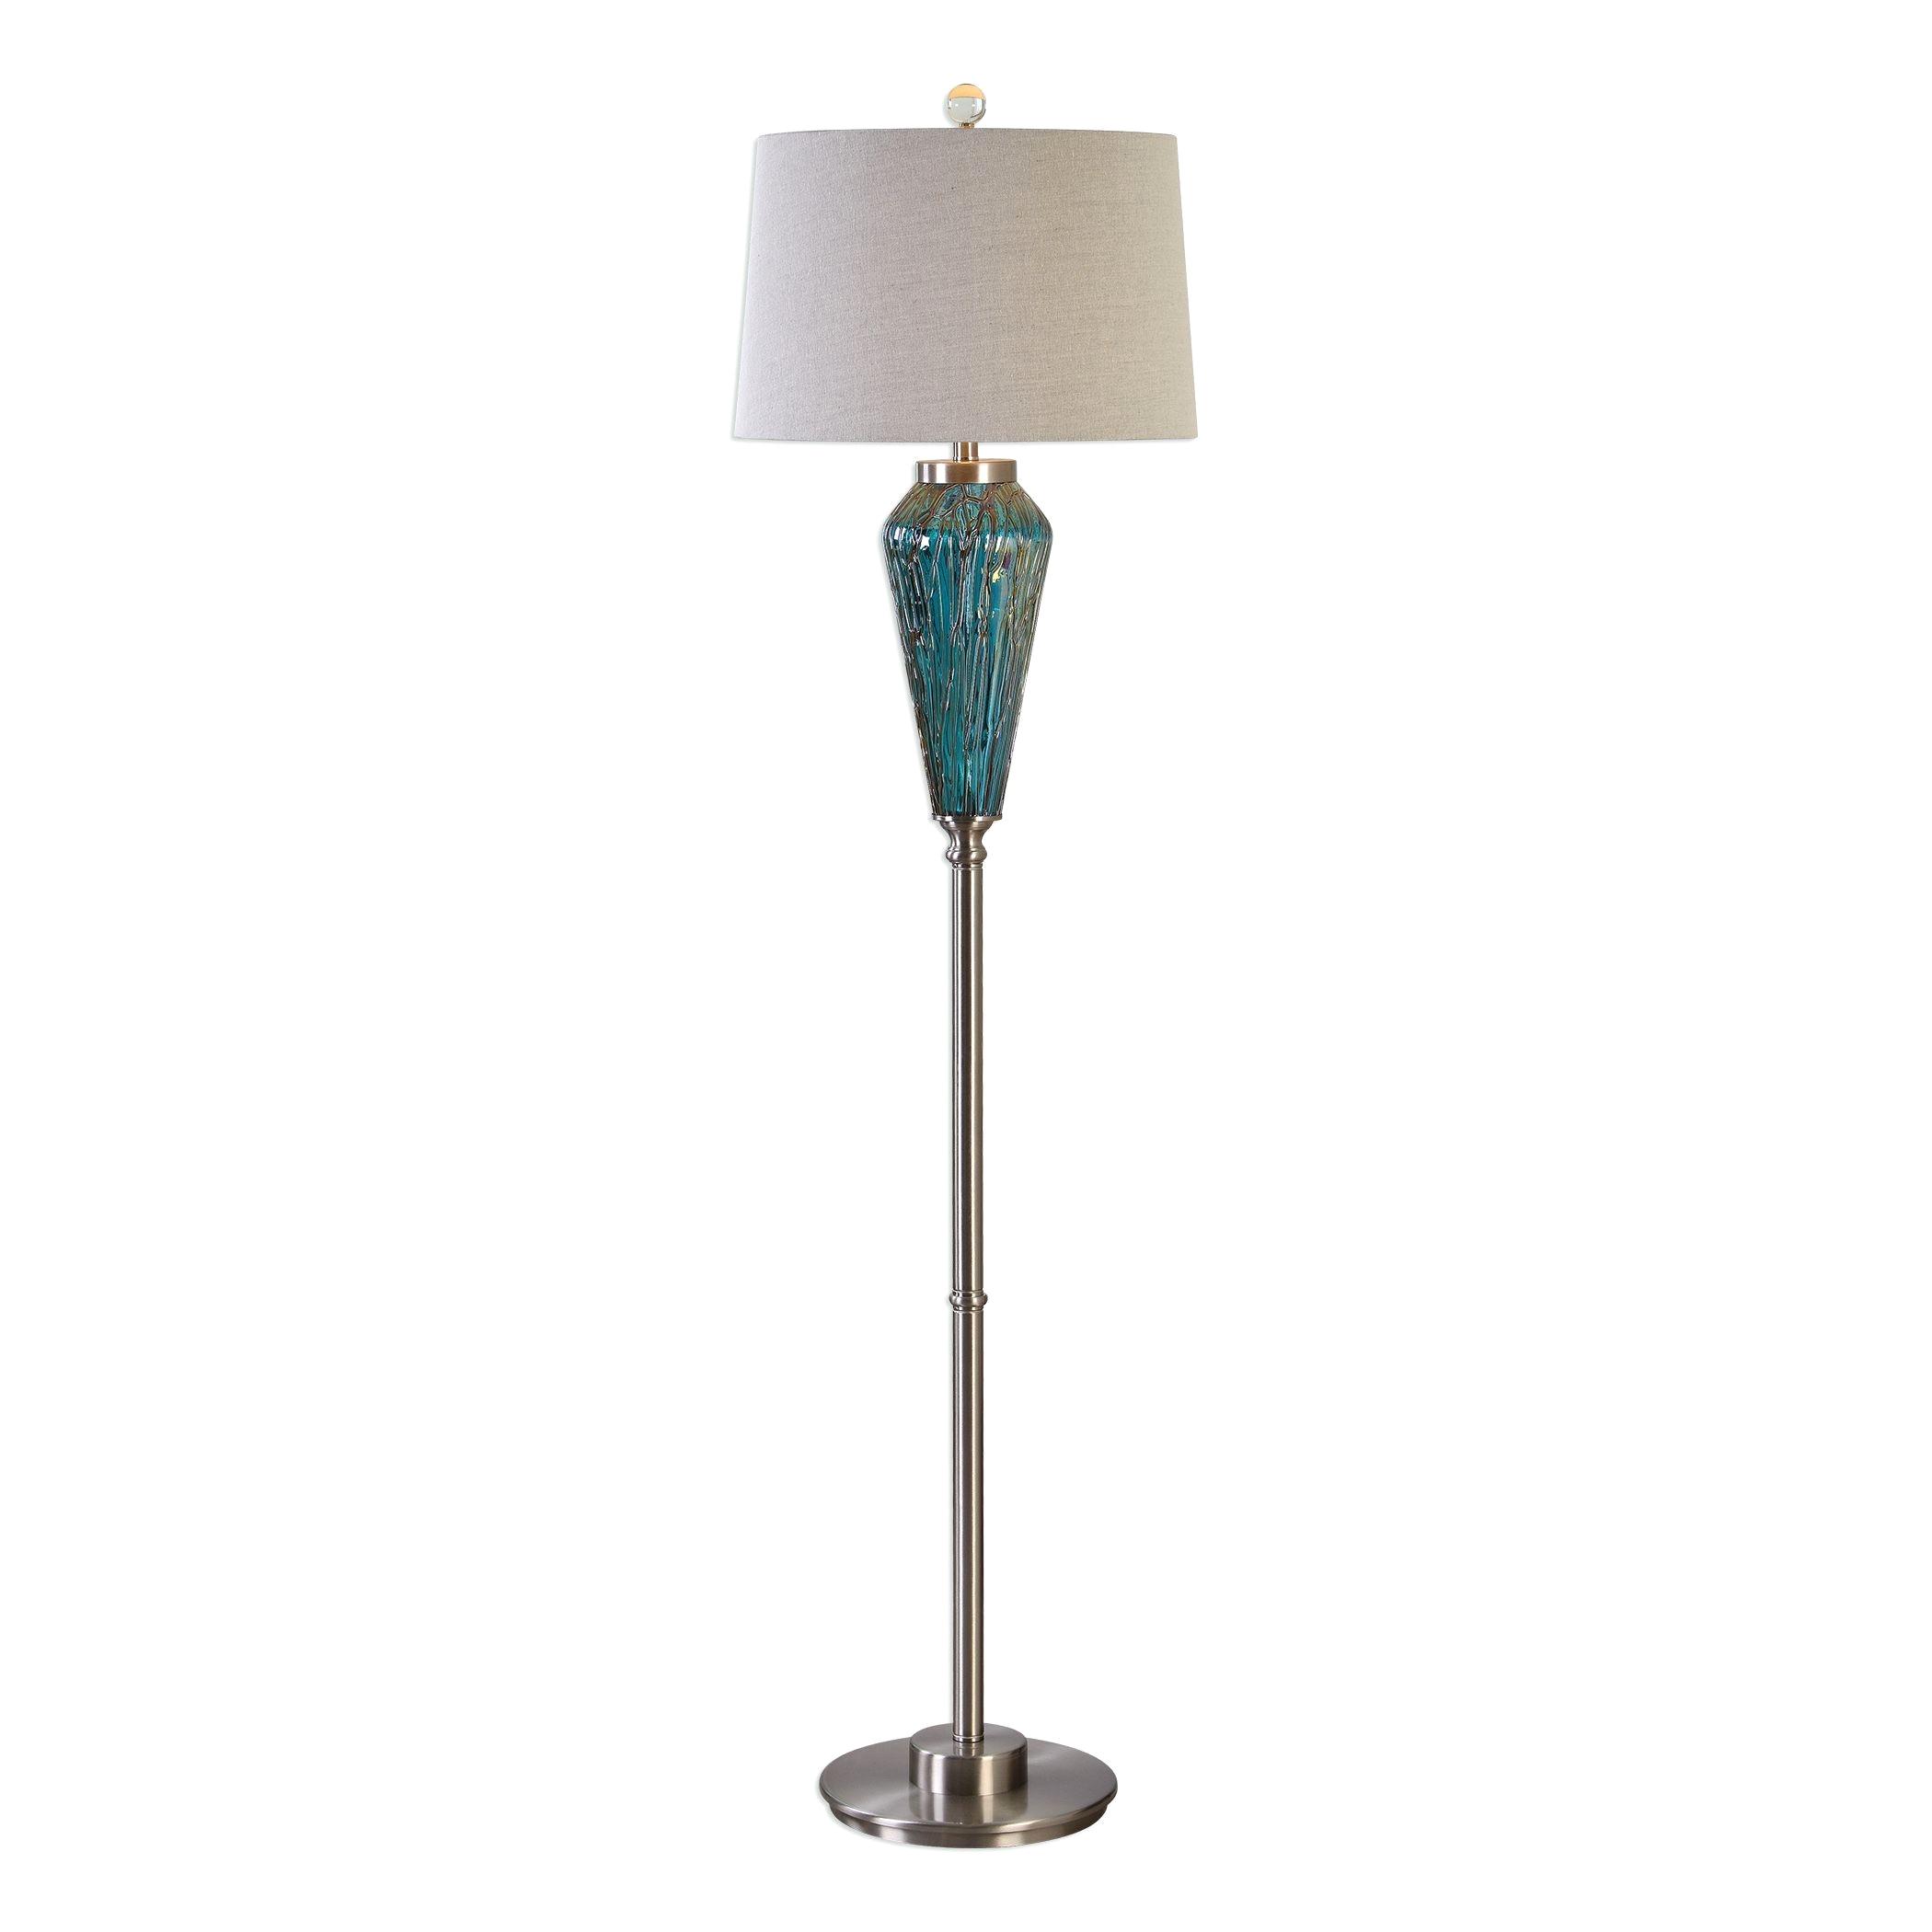 unique floor lamps contemporary elegant lamps floor contemporary new lamps lamp art lamp art 0d lampss